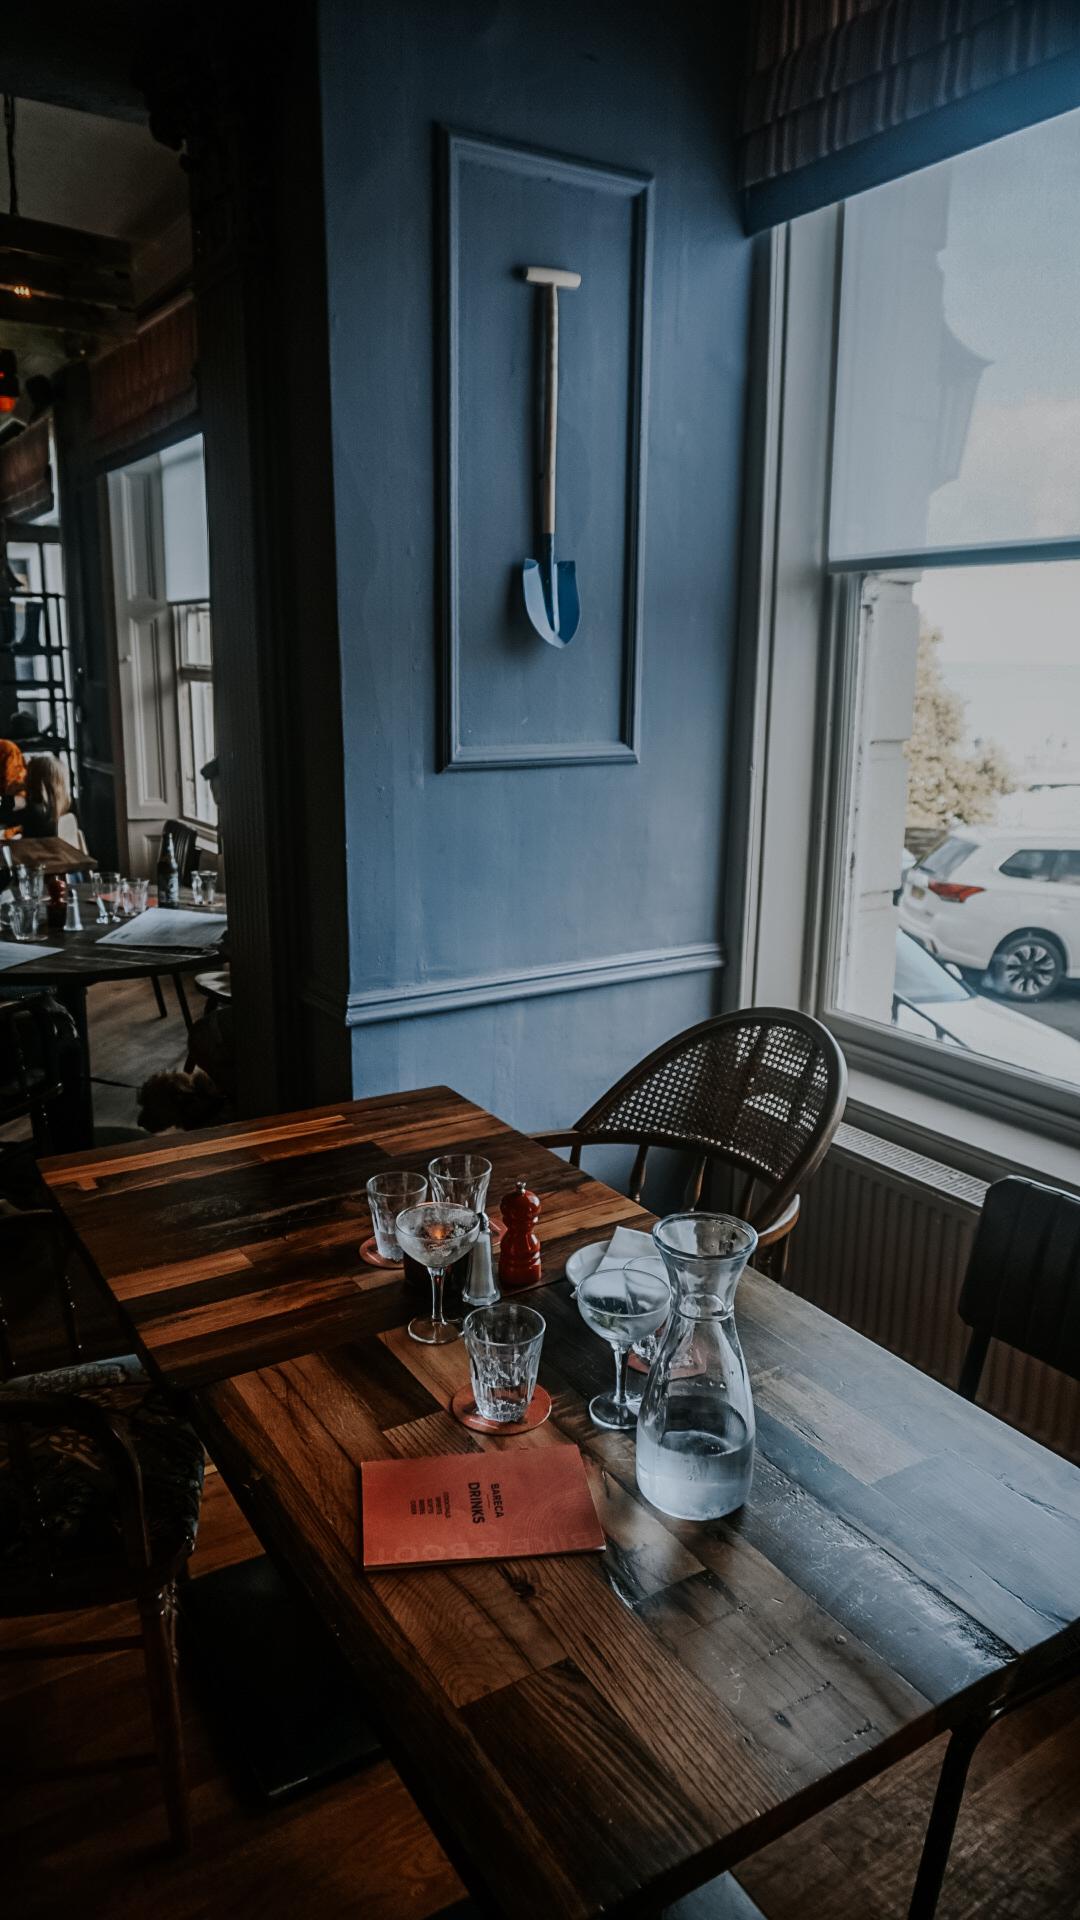 The Bike & Boot Restaurant And Inn